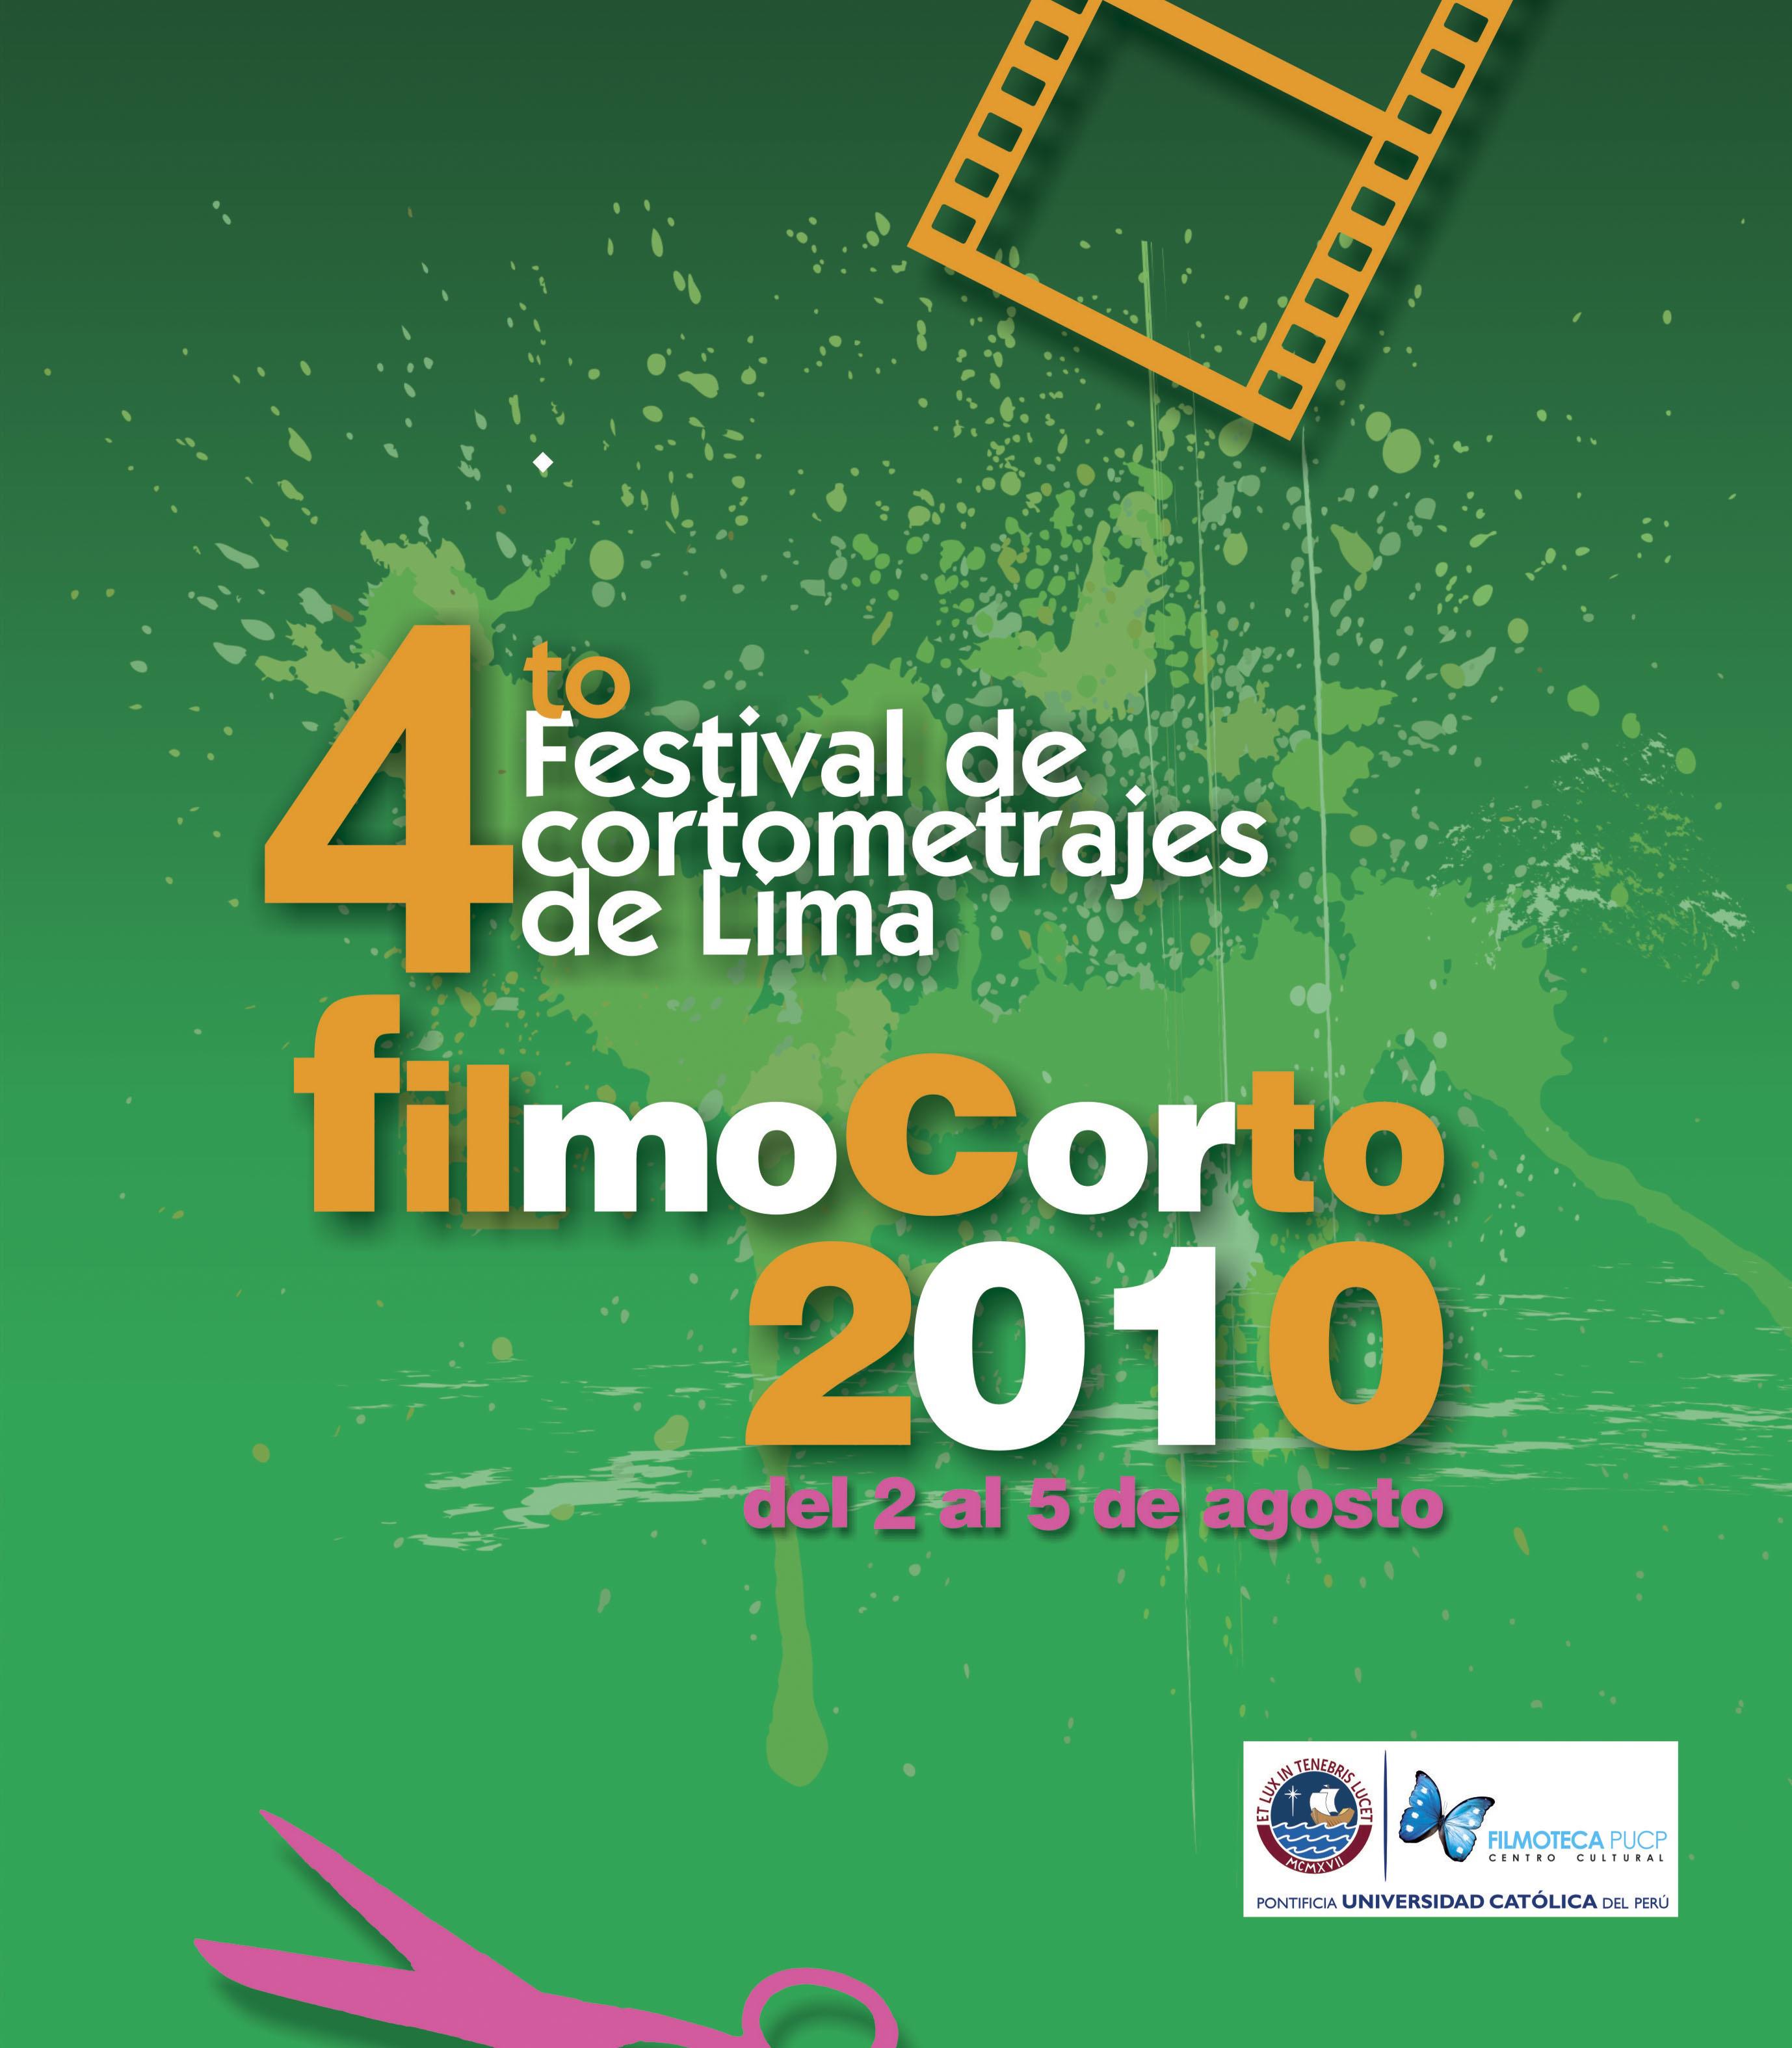 Filmocorto 2010